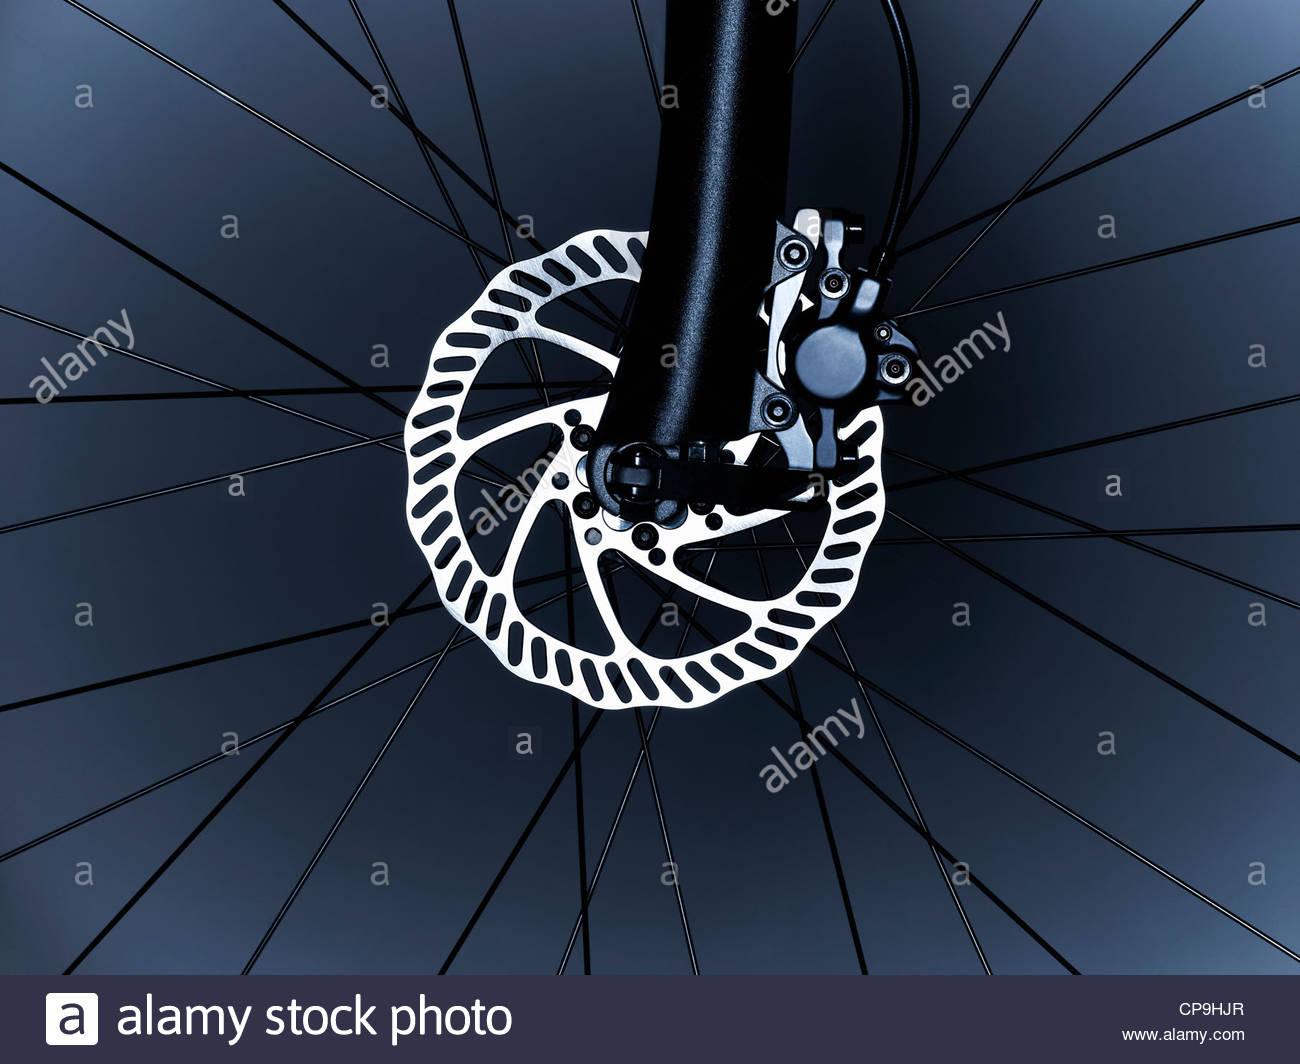 Fahrrad, Fahrradreifen, Rad, Fahrrad-Rad-Scheibenbremse, schwarz und weiß, Nahaufnahme, Komplexität, Detail, Stockbild